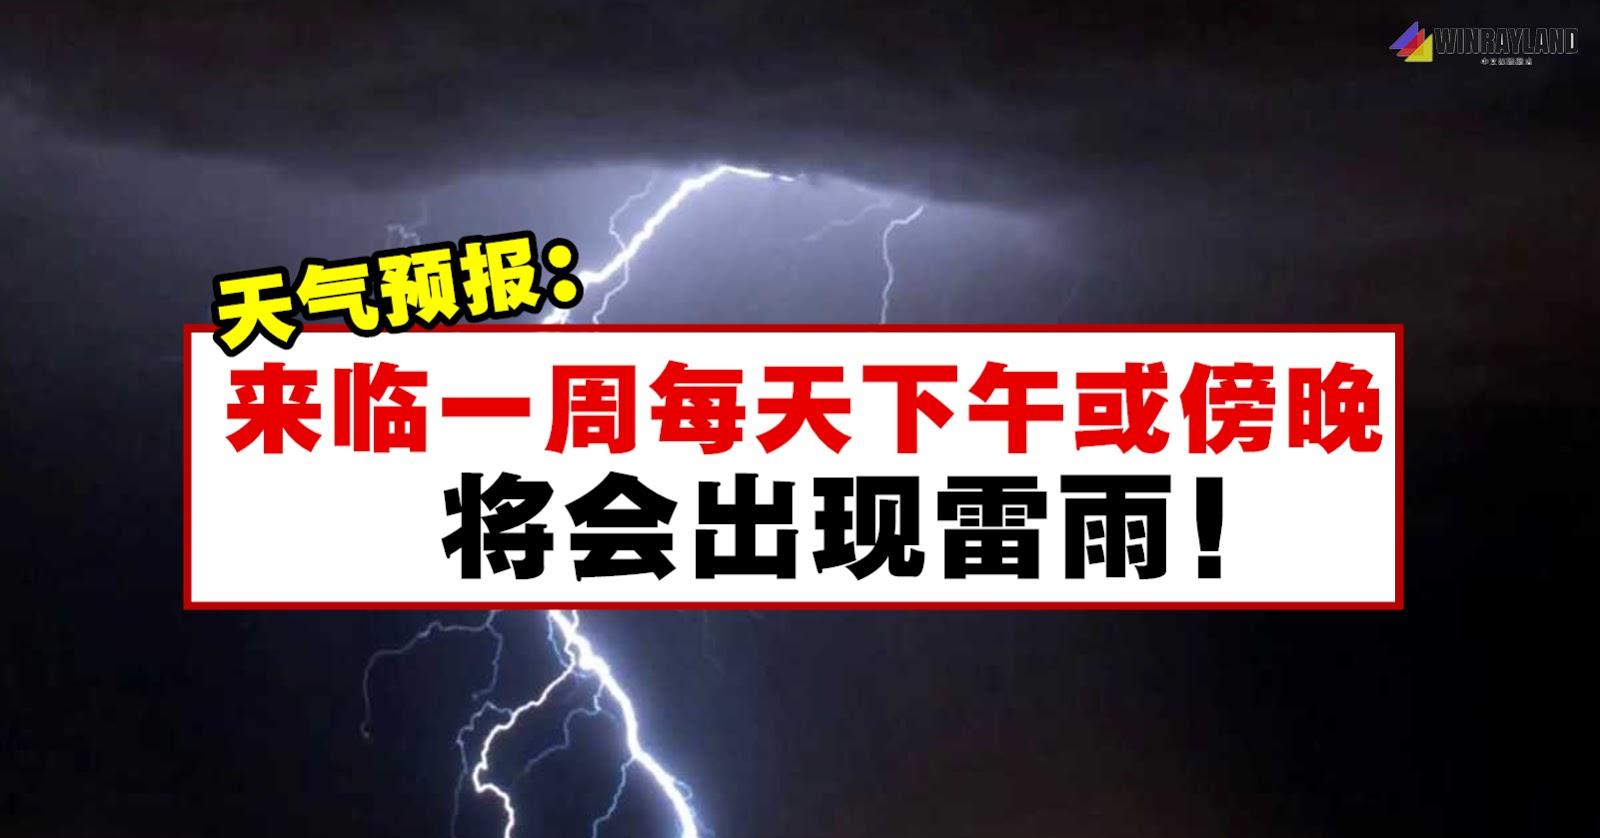 天气预测:来临一周每天下午或傍晚会出现雷雨!